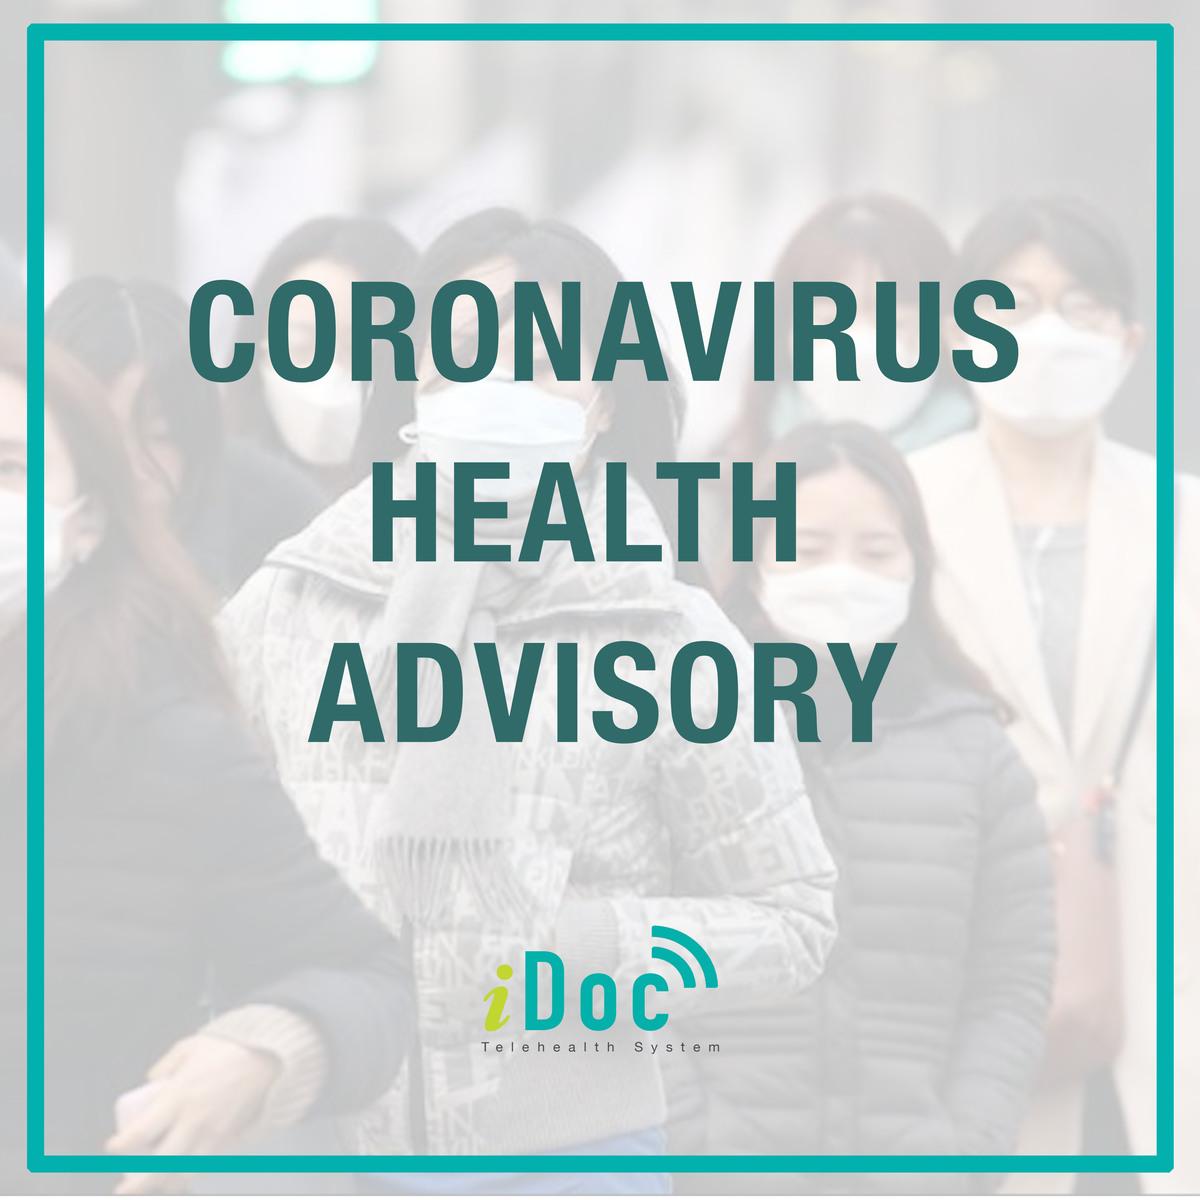 CORONAVIRUS_Advisory.jpg